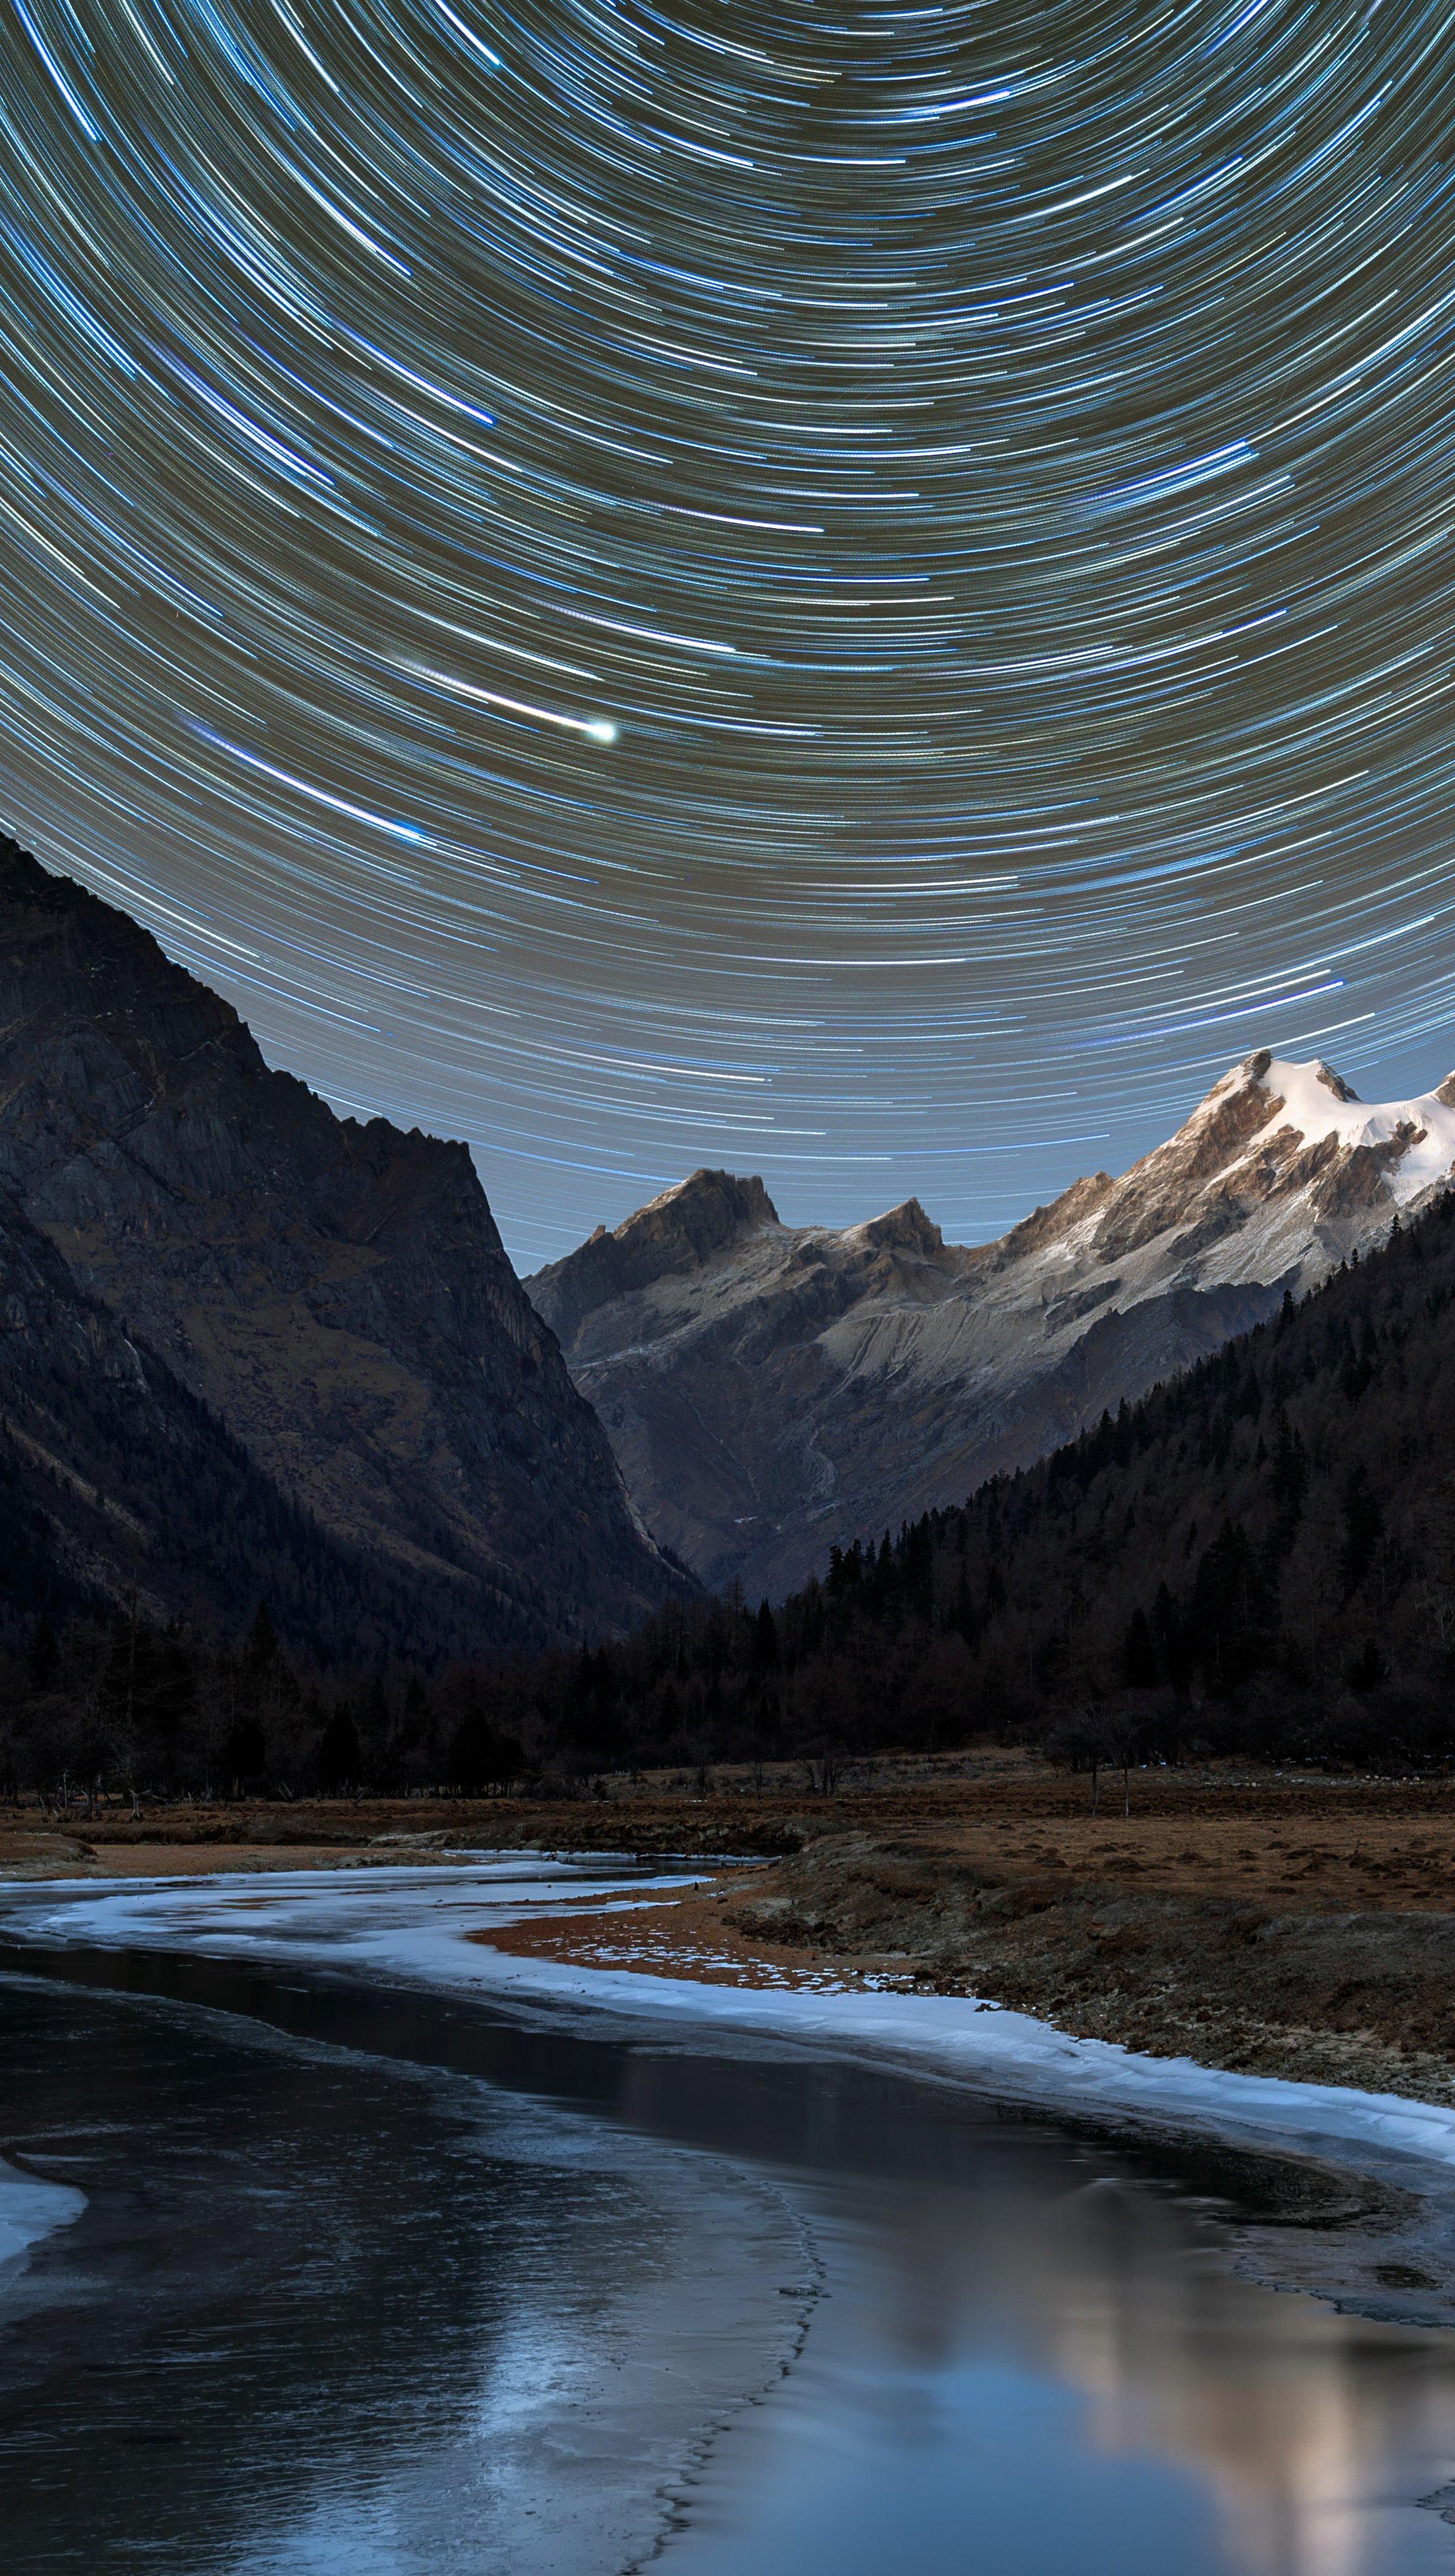 Fondos de pantalla Estrellas en remolino en paisaje montañoso Vertical